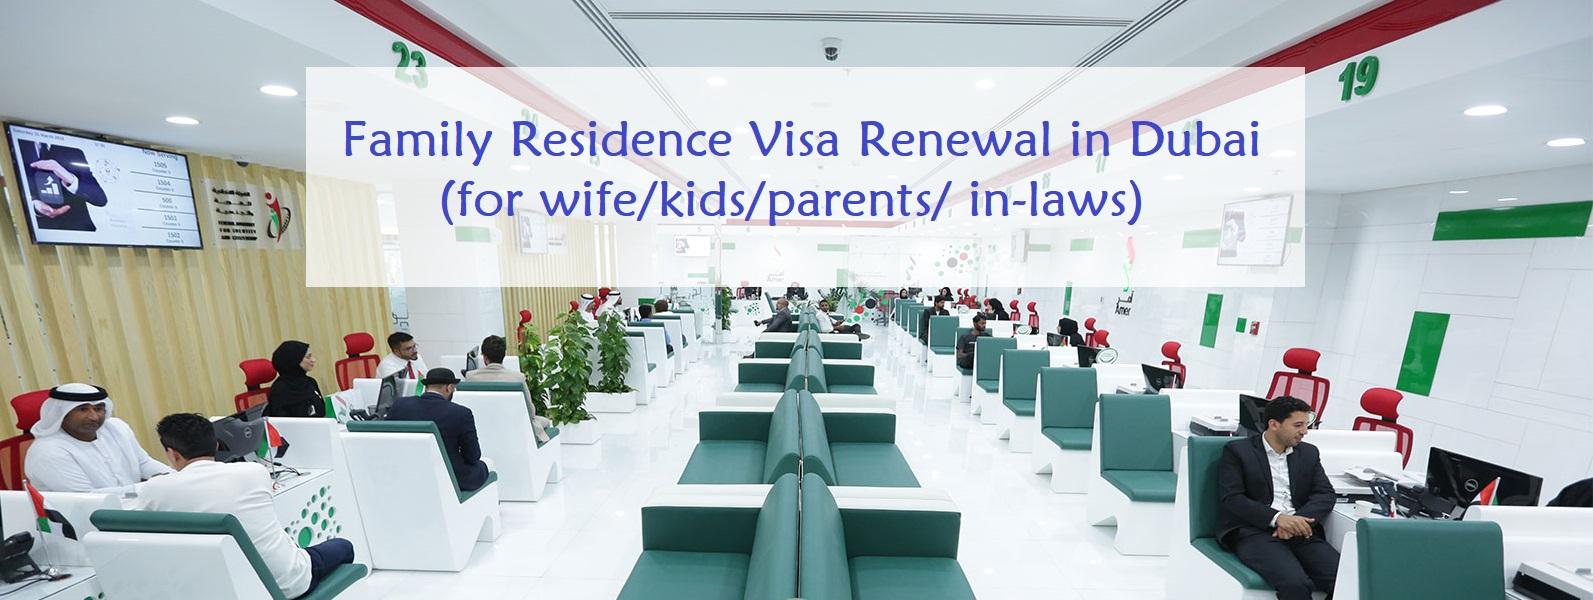 How to renew Family residence visa in Dubai